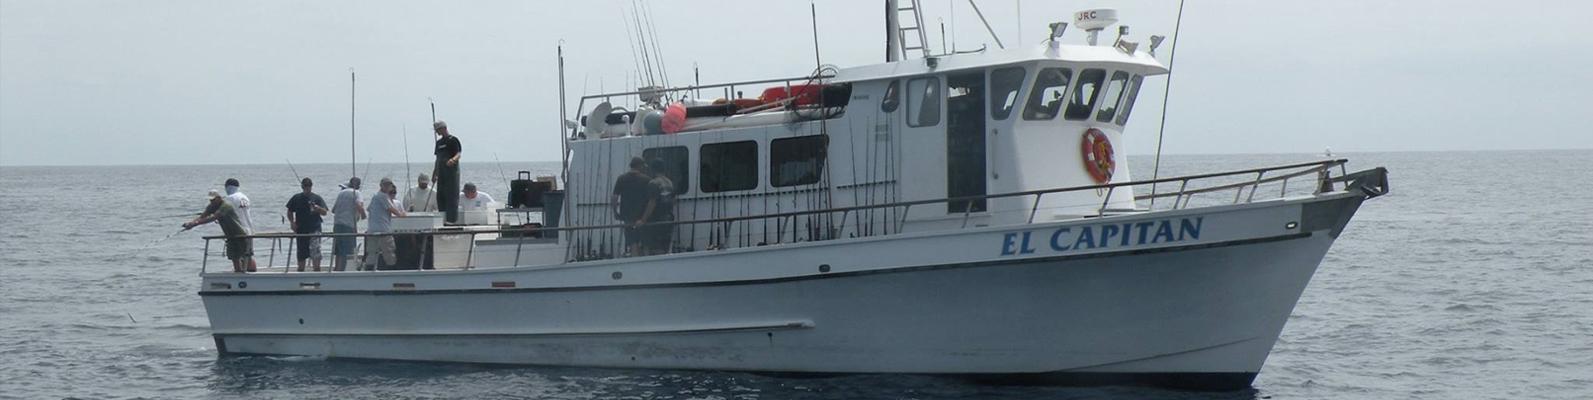 El Capitan Sportfishing Boat in San Diego